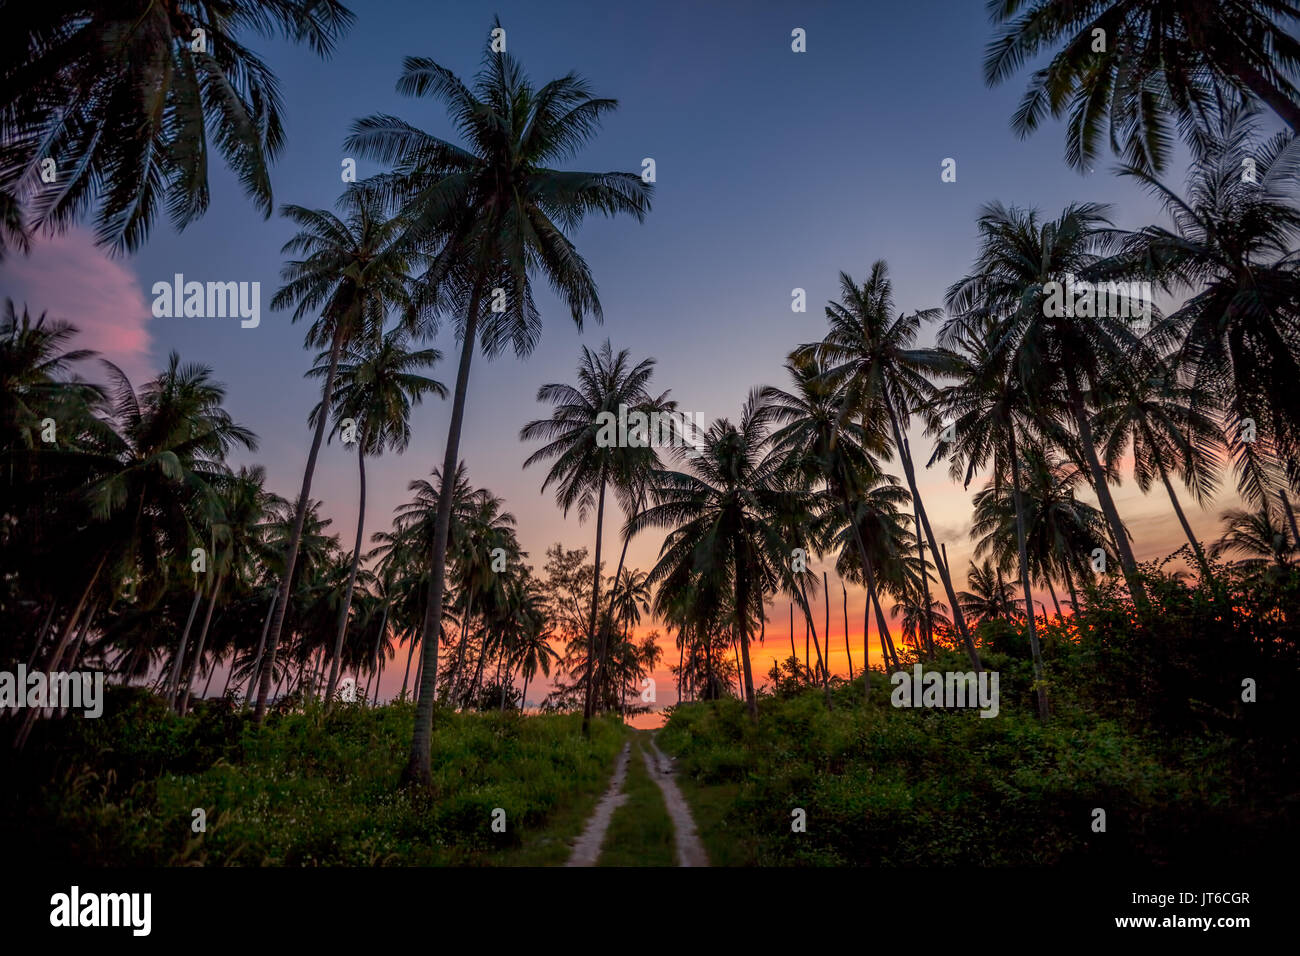 Palmeras siluetas durante un colorido atardecer tropical en la playa Nathon, Laem Yai, Koh Samui, Tailandia Imagen De Stock